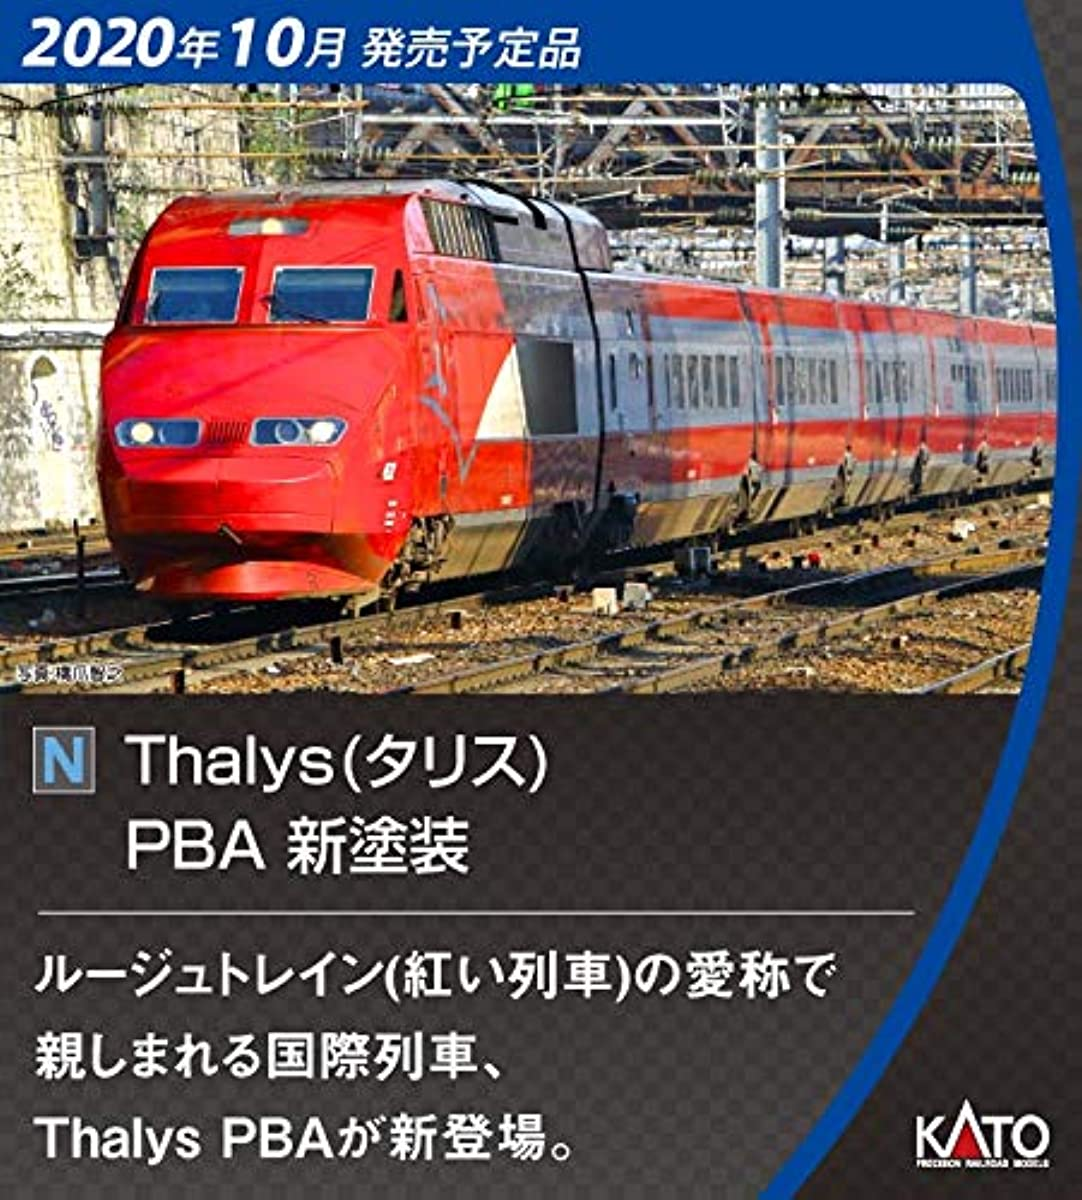 [해외] KATO N게이지 THALYS 다리스 PBA 신도장 10 양세트 10-1657 철도 모형 전철